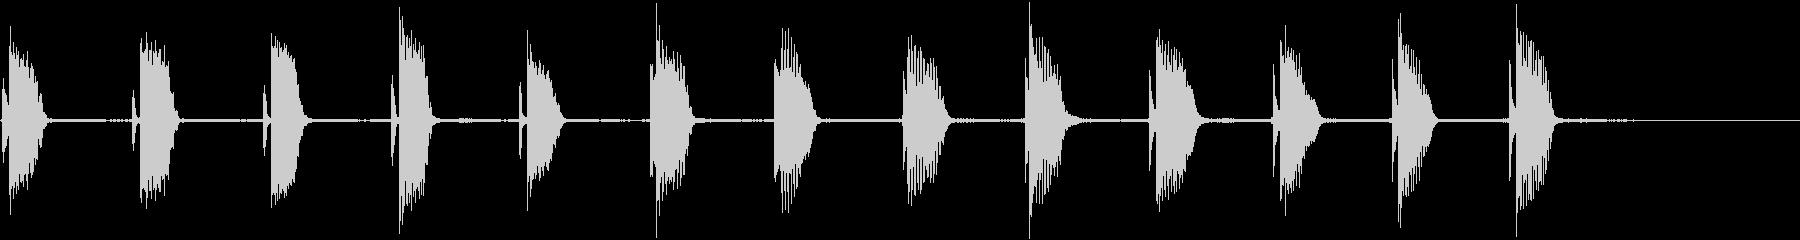 エレキギター:ロング、ゆっくり登る...の未再生の波形